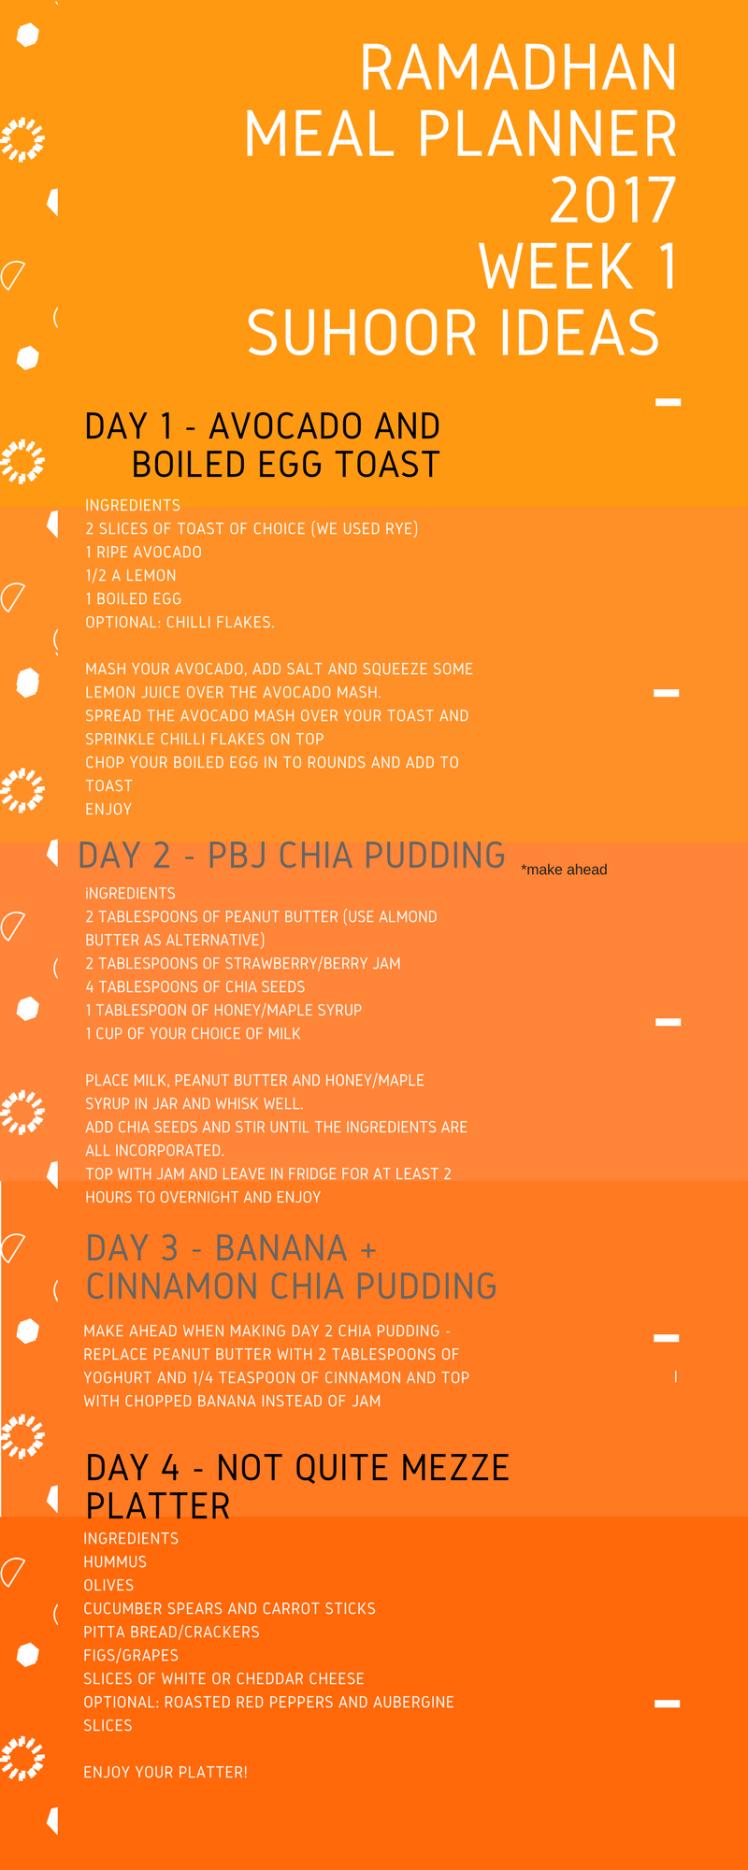 ramadhan meal planner 2017suhoor ideas week 1.png